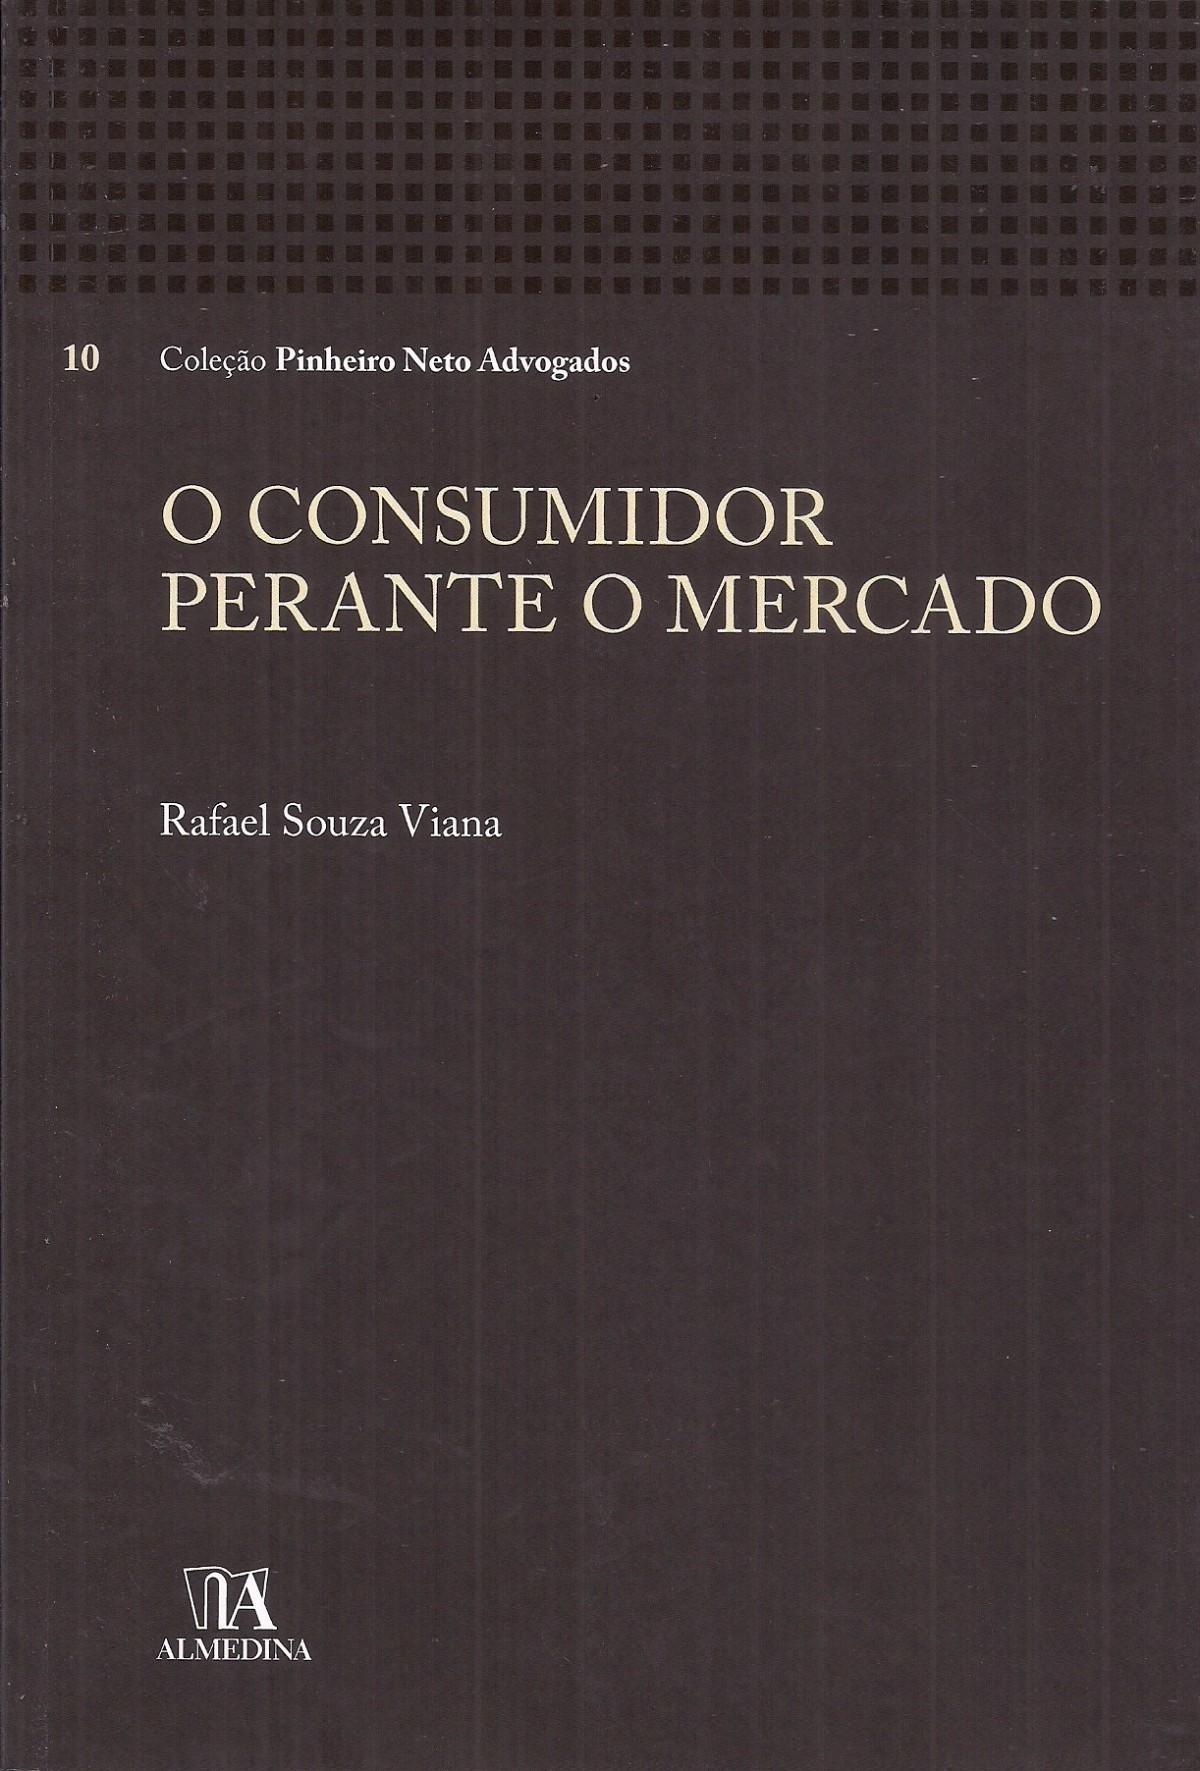 Foto 1 - O Consumidor Perante o Mercado